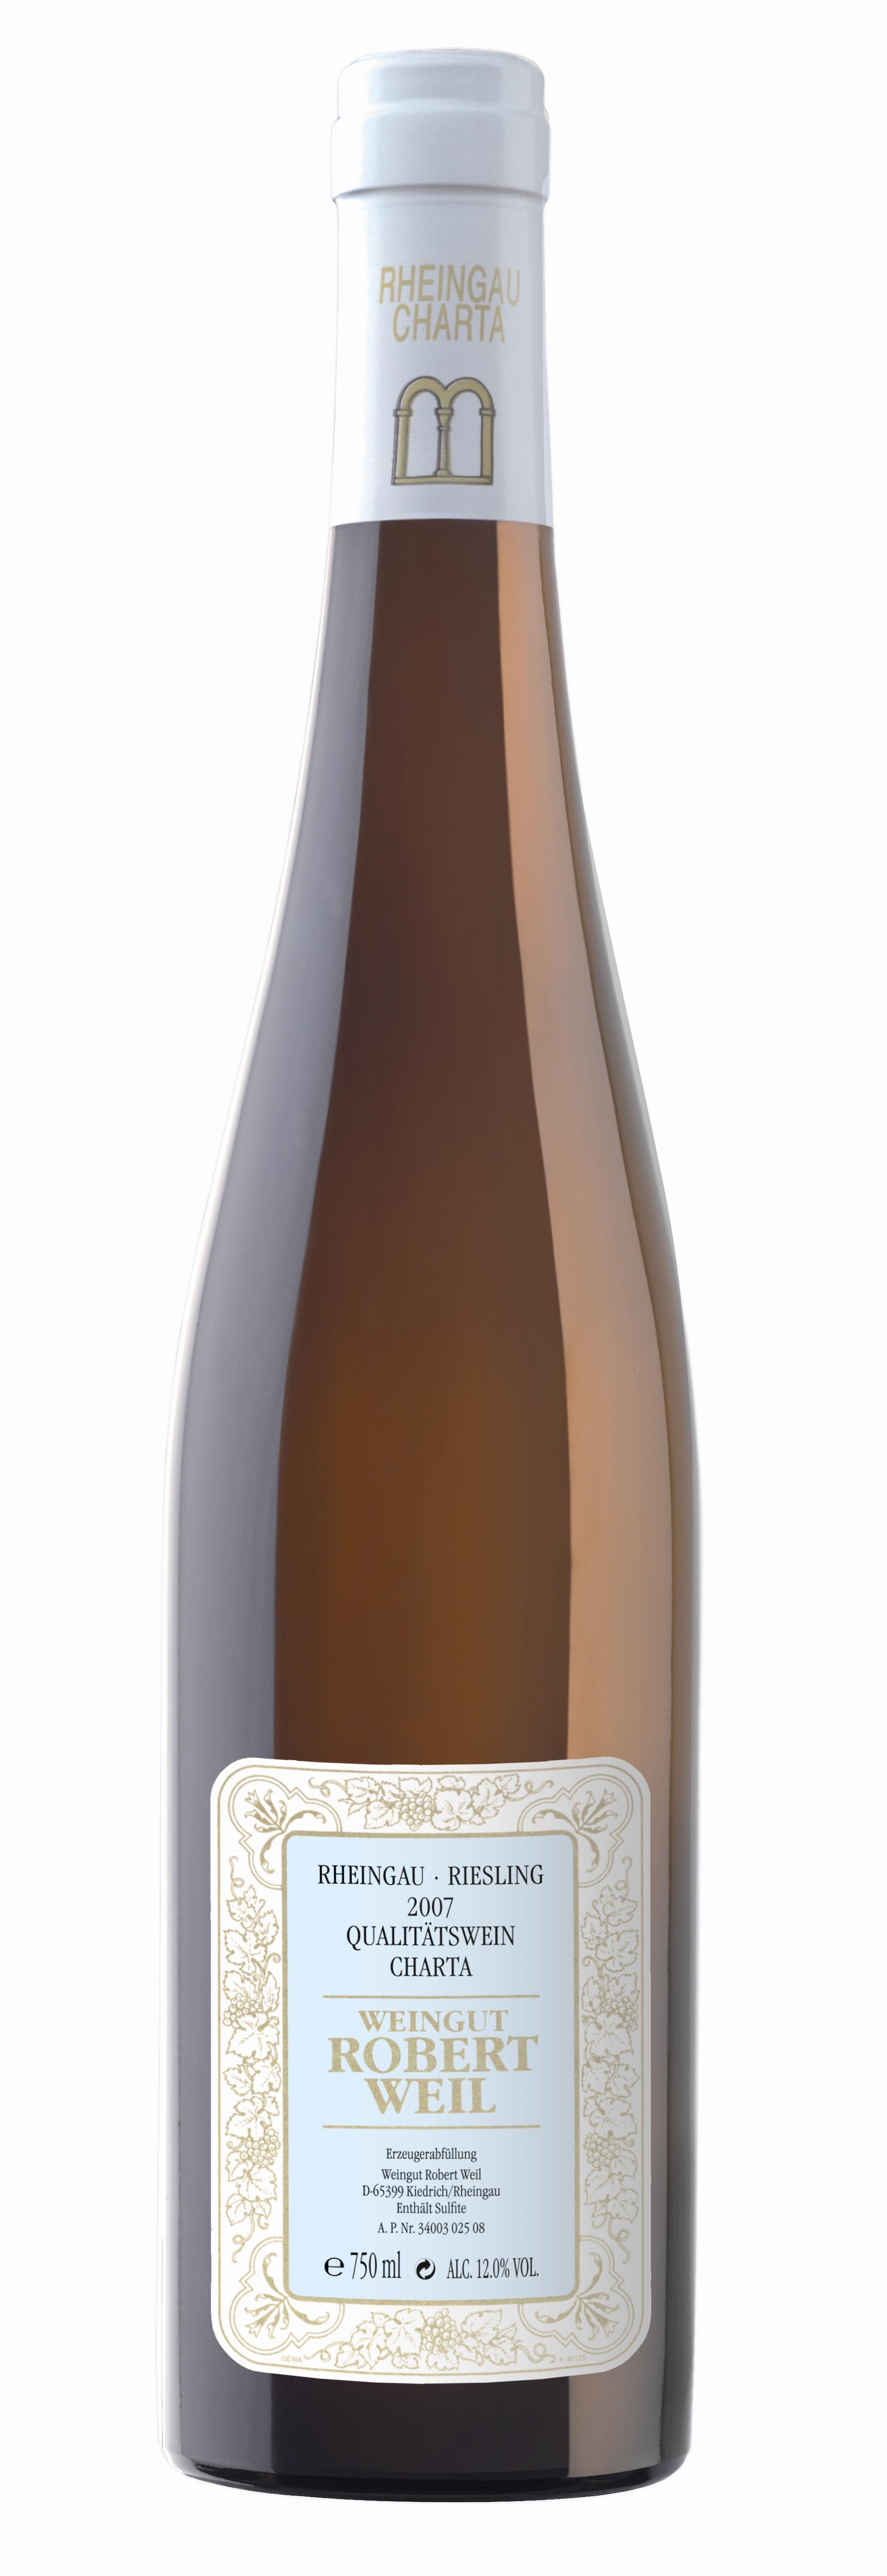 Wein der Marke Robert Weil Riesling Charta Qba trocken Weißwein 2010 12% 0,75l Flasche